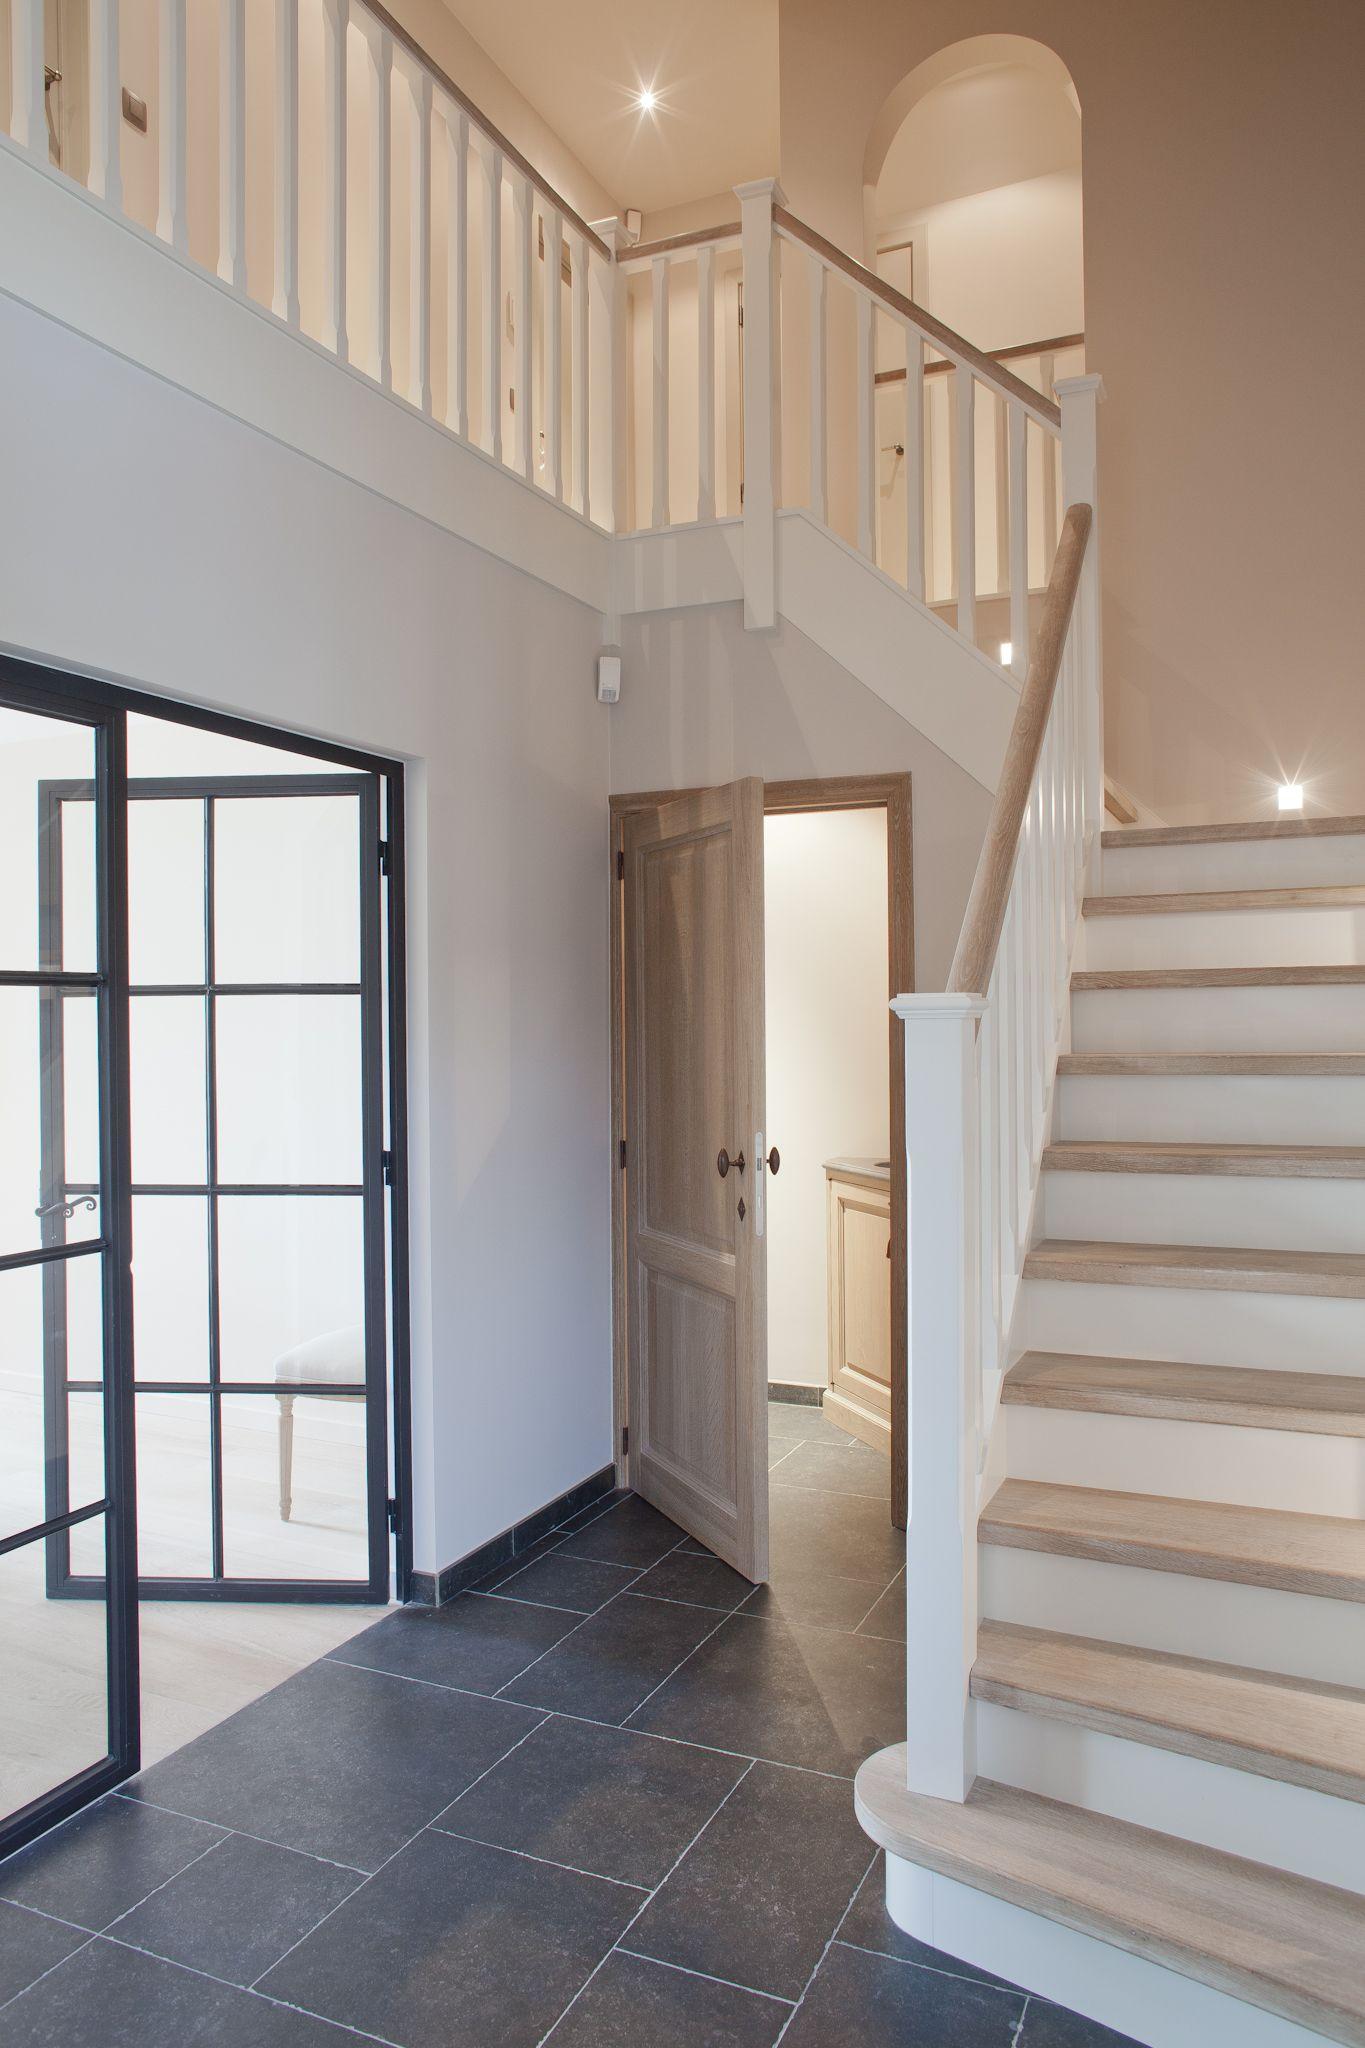 immer wieder doch wei und holz hausgestaltung allgemein pinterest treppe haus und. Black Bedroom Furniture Sets. Home Design Ideas